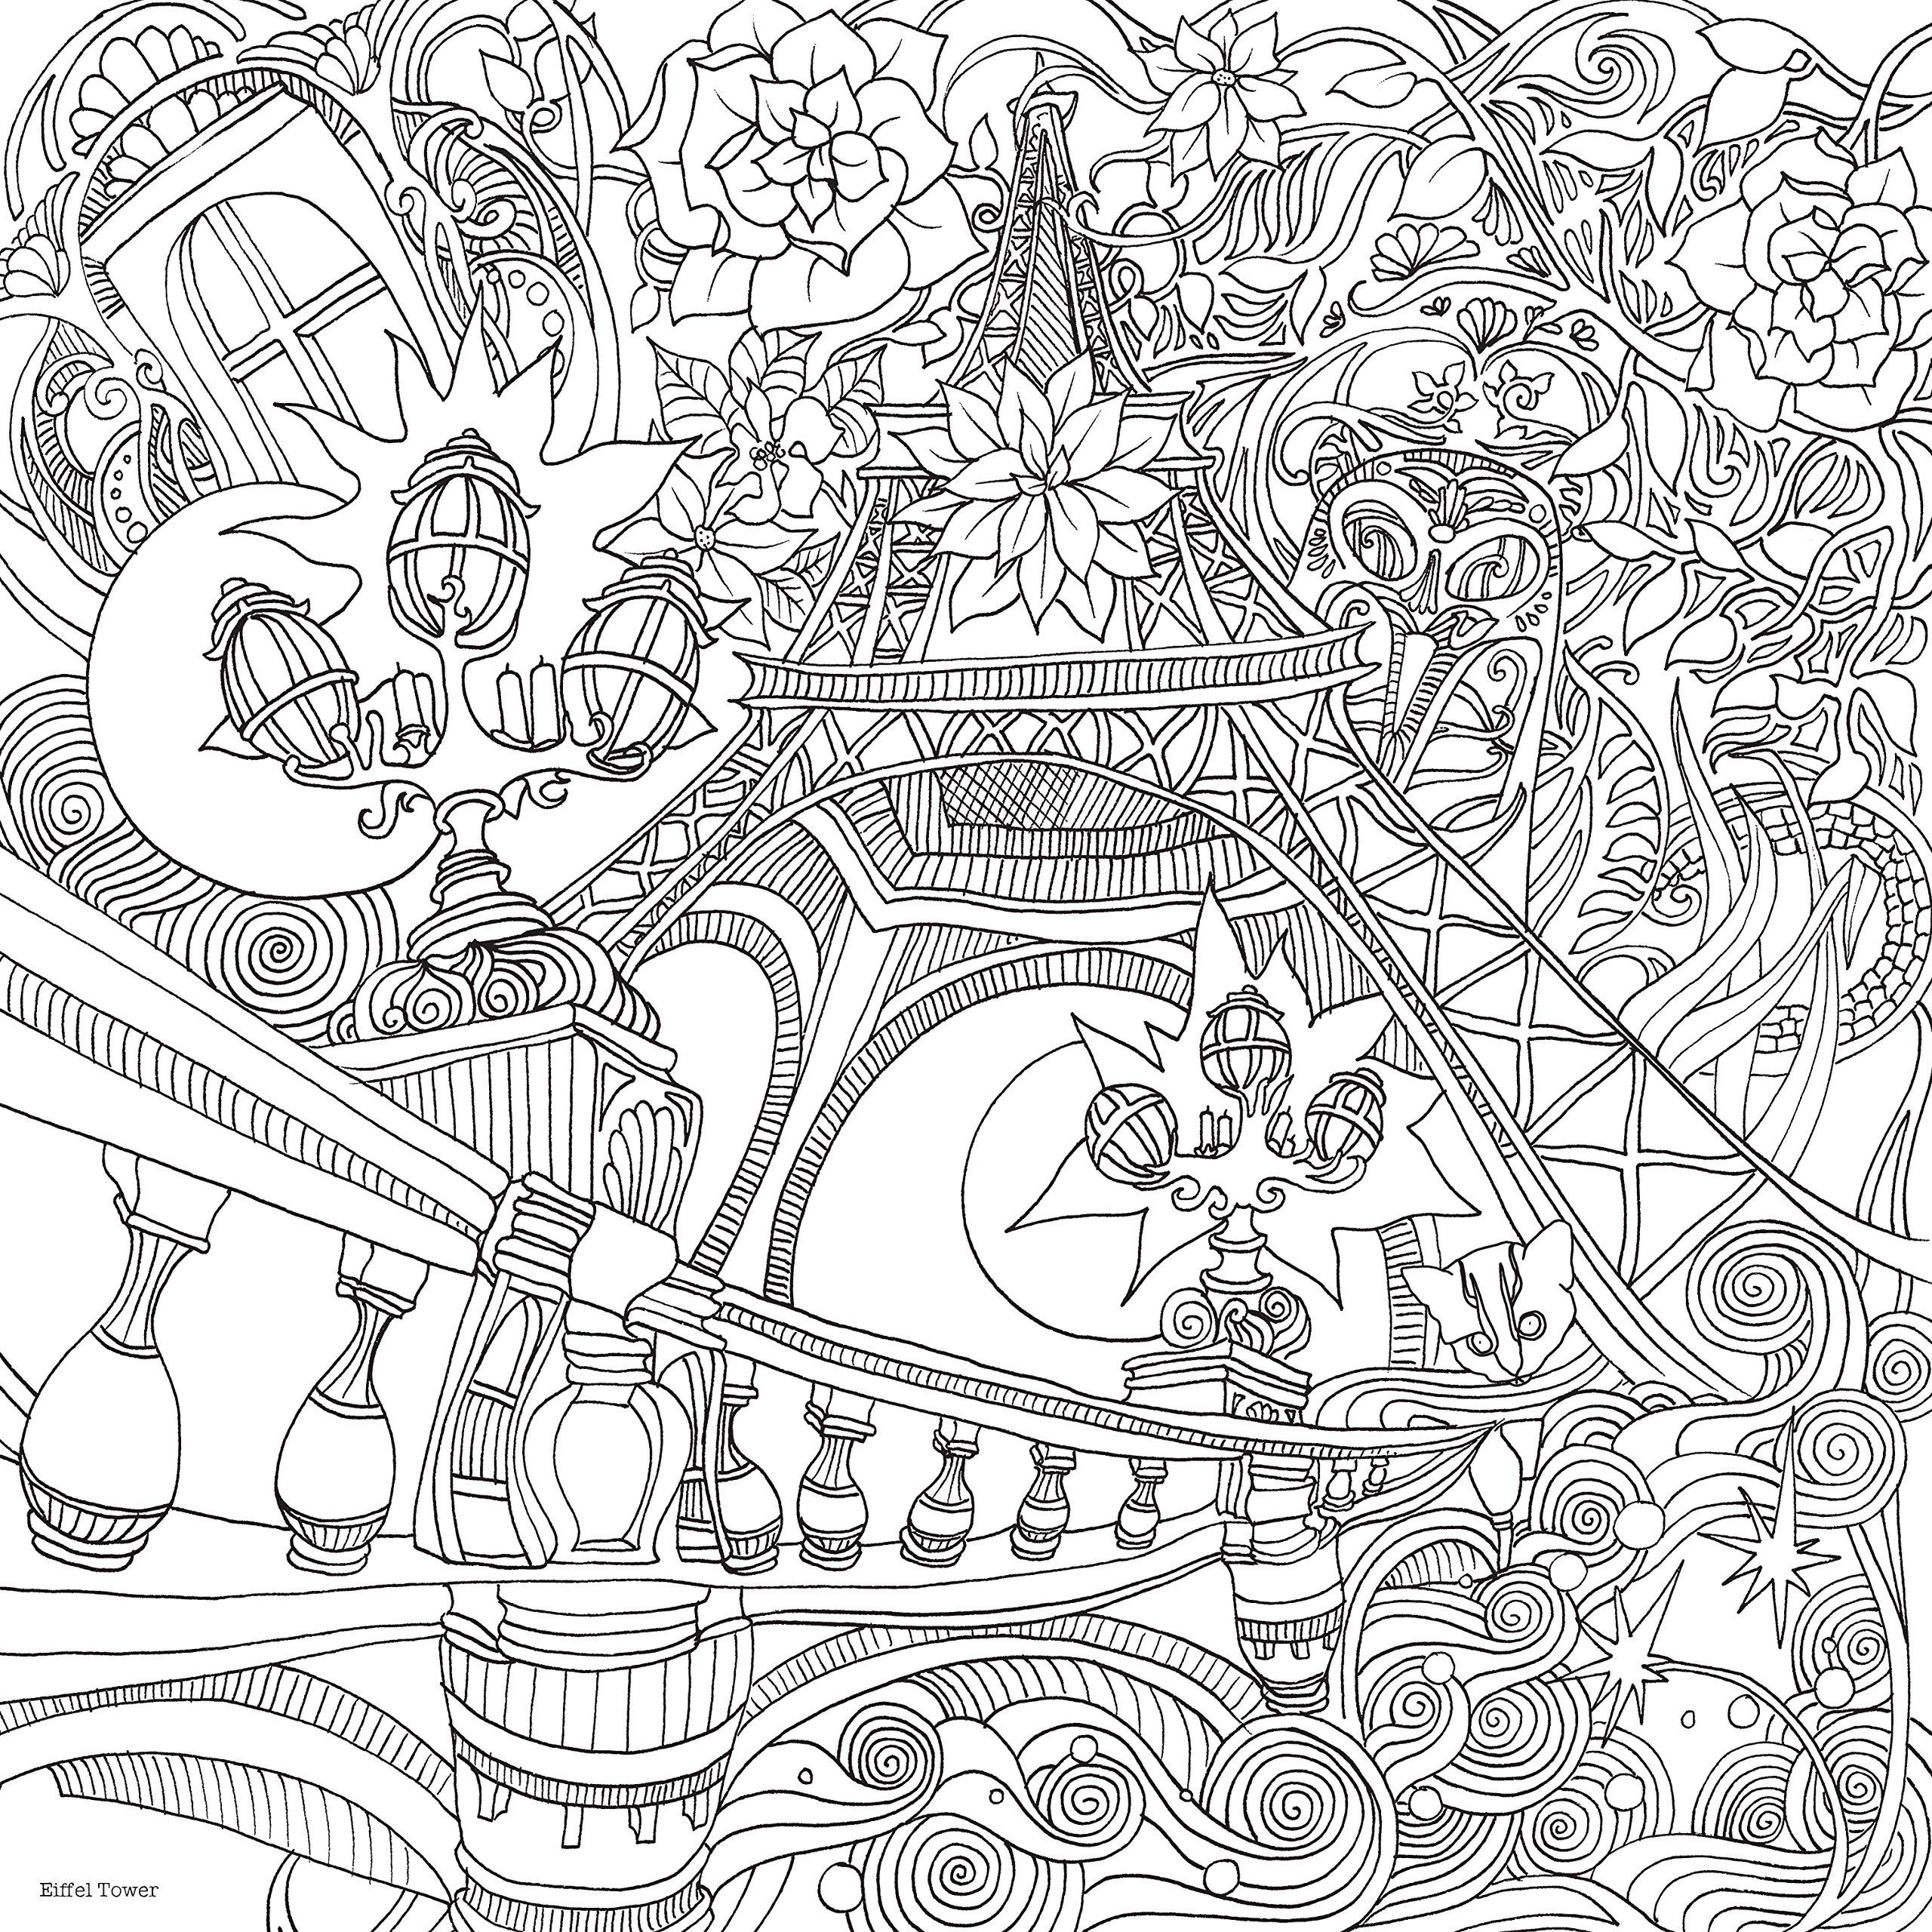 2560x2560 Kansas City Chiefs Coloring Book Royals Color Me Pdf